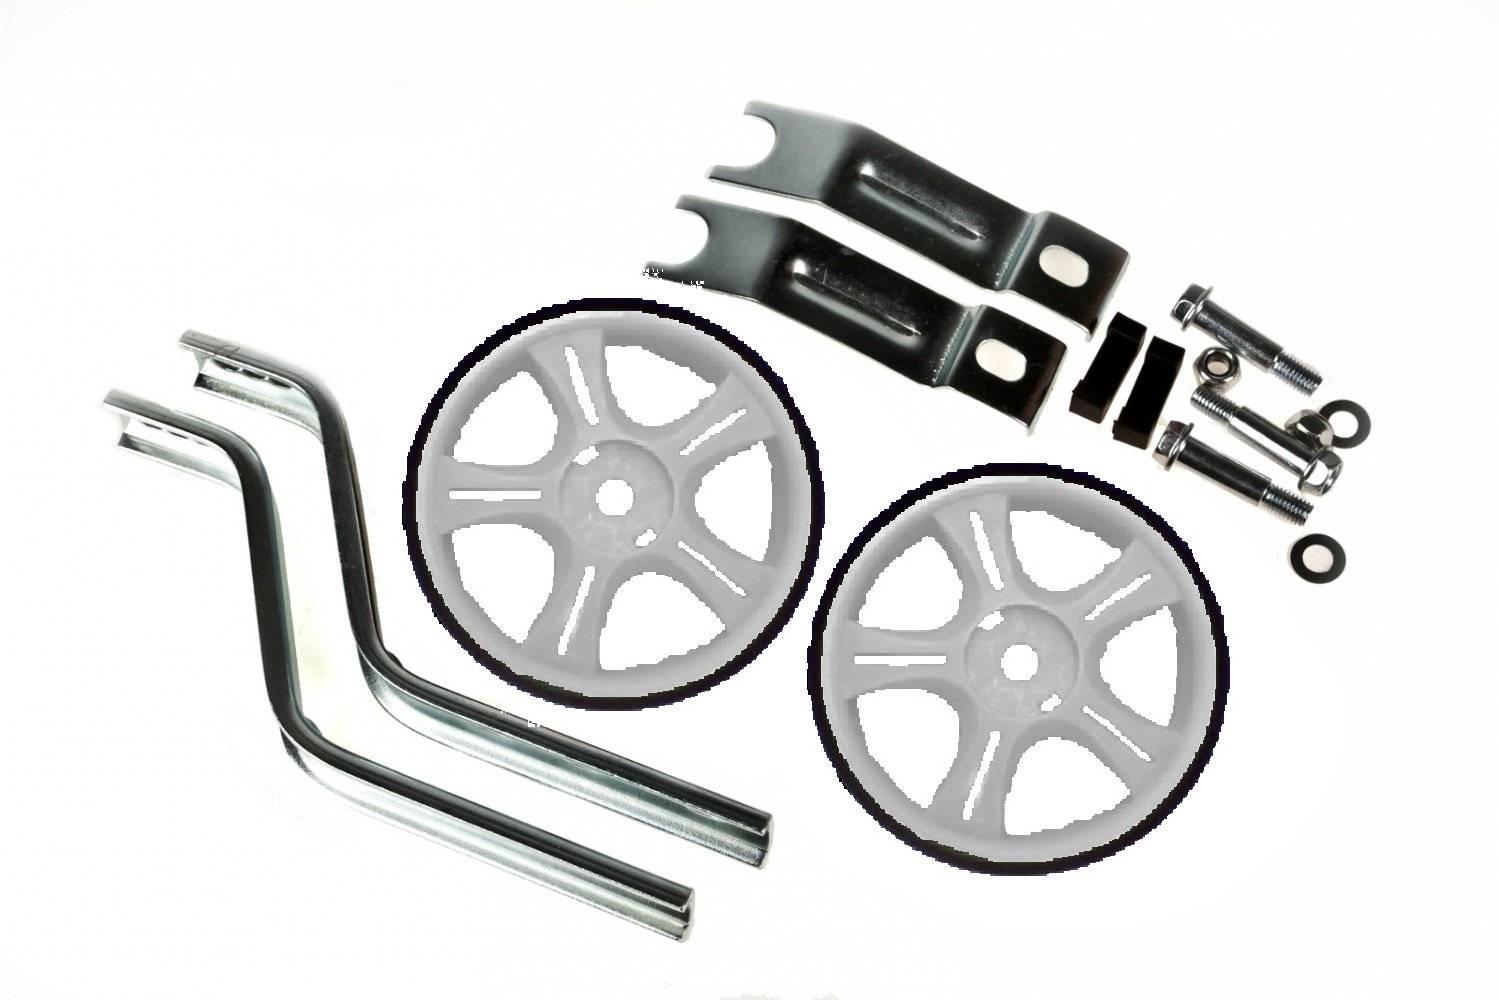 Колеса детские велосипедные, Vinca HRS 12-20 white, стойки сталь на 12-20, колесо пластик, белые.